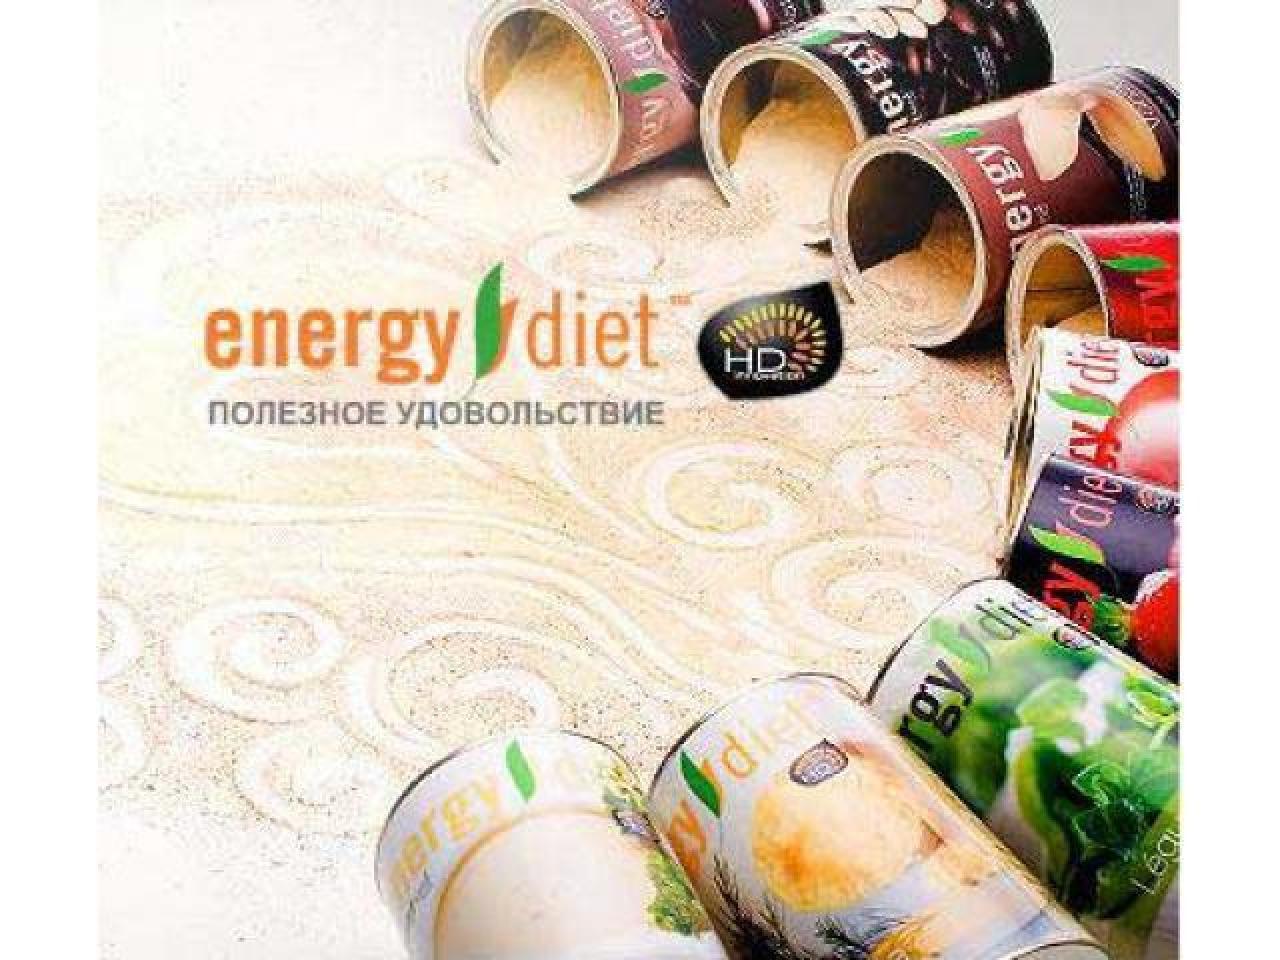 Energy Diet - продукт для похудения. Возможность бизнеса. - 1